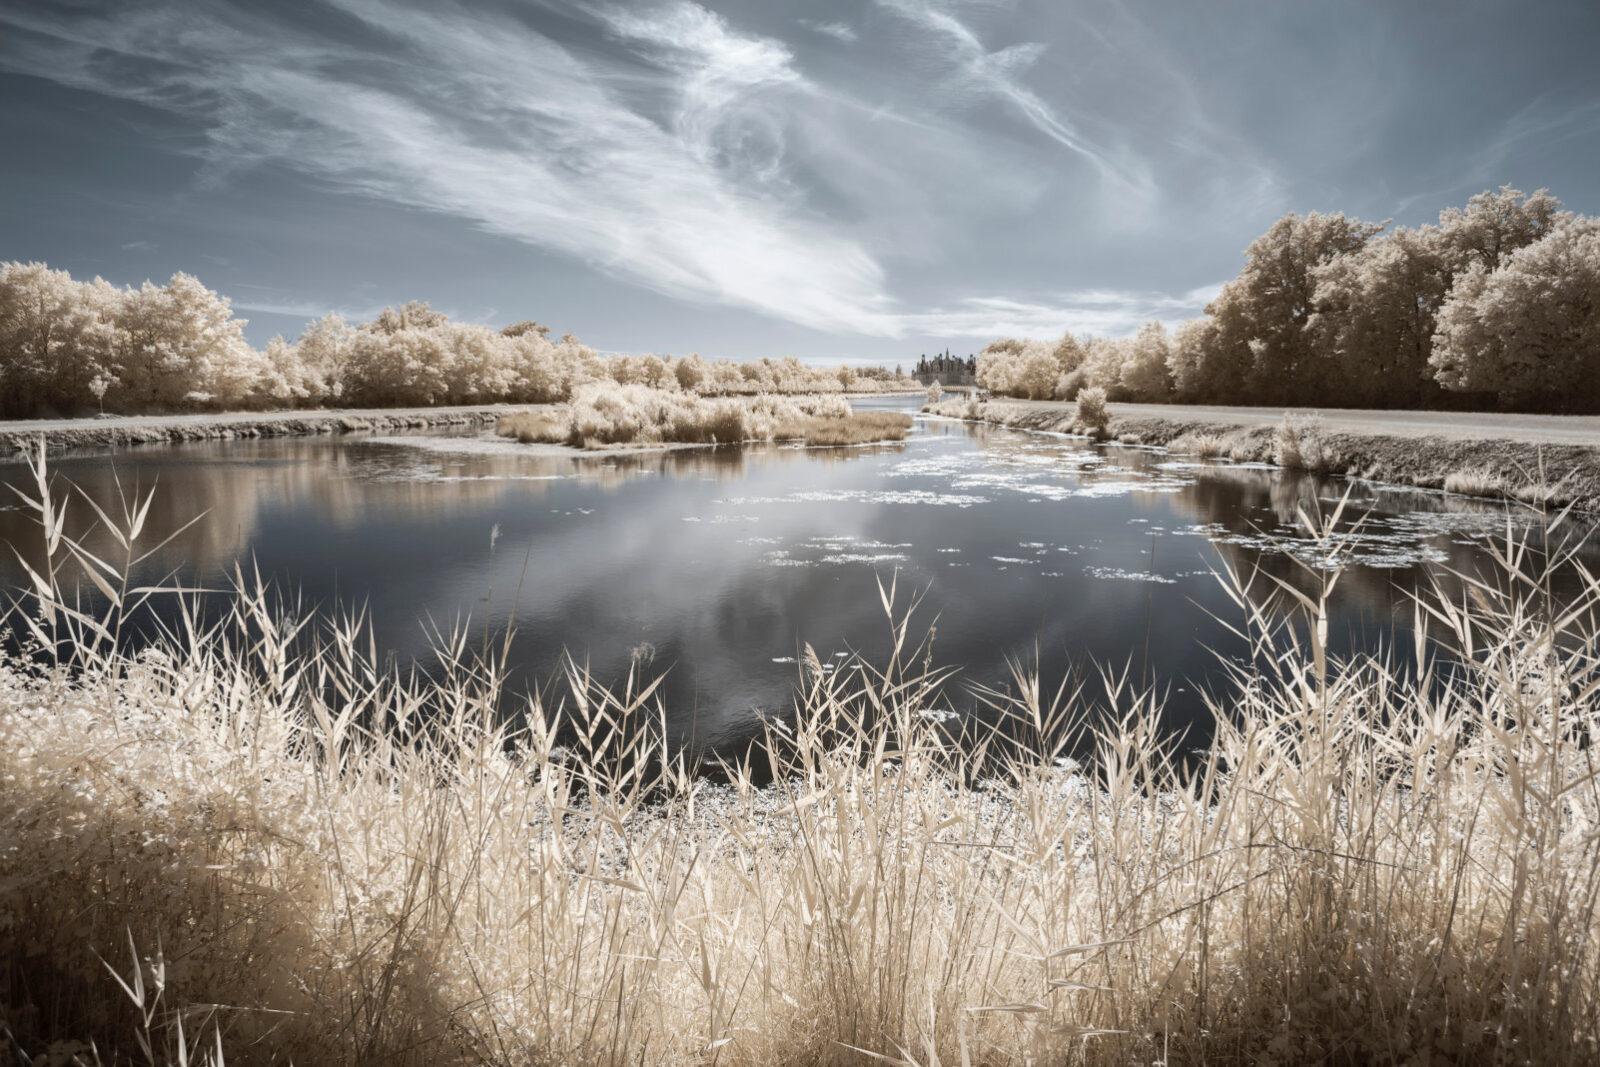 val-loire-loiret-chateau-loire-patrimoine-monument-naturel-jardin-infrarouge-invisible-chaumont-chambord-blois-nature-pierre-louis-ferrer-infrared